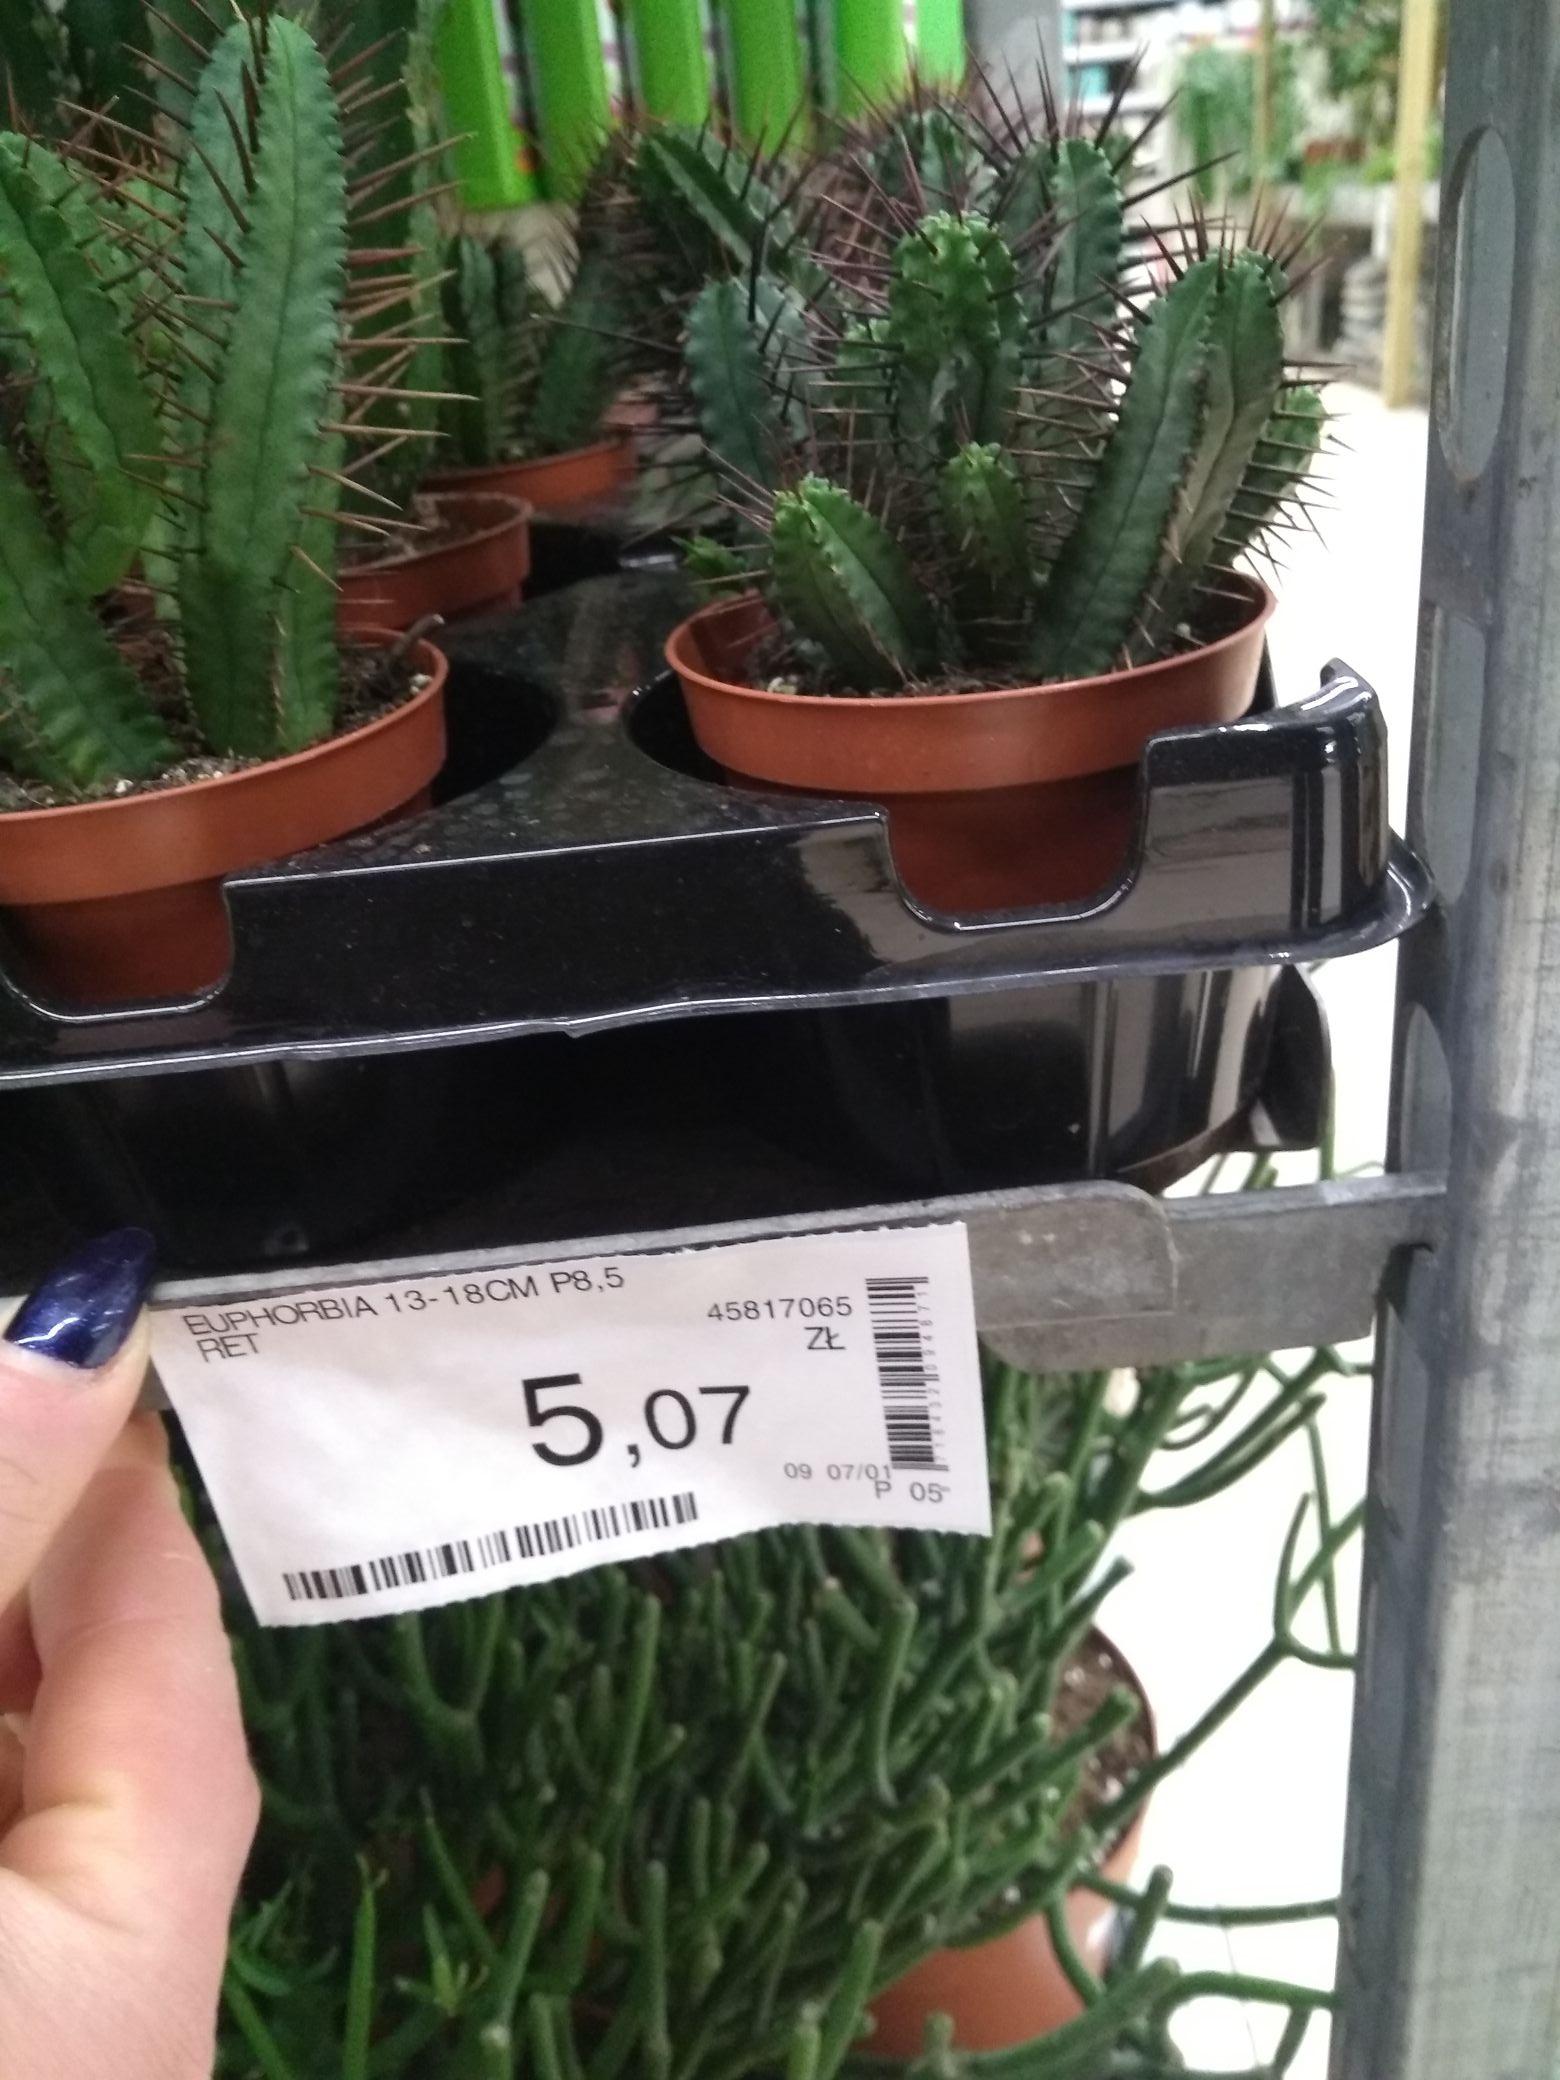 Wyprzedaż kaktusów Leroy Merlin Poznań Swadzim